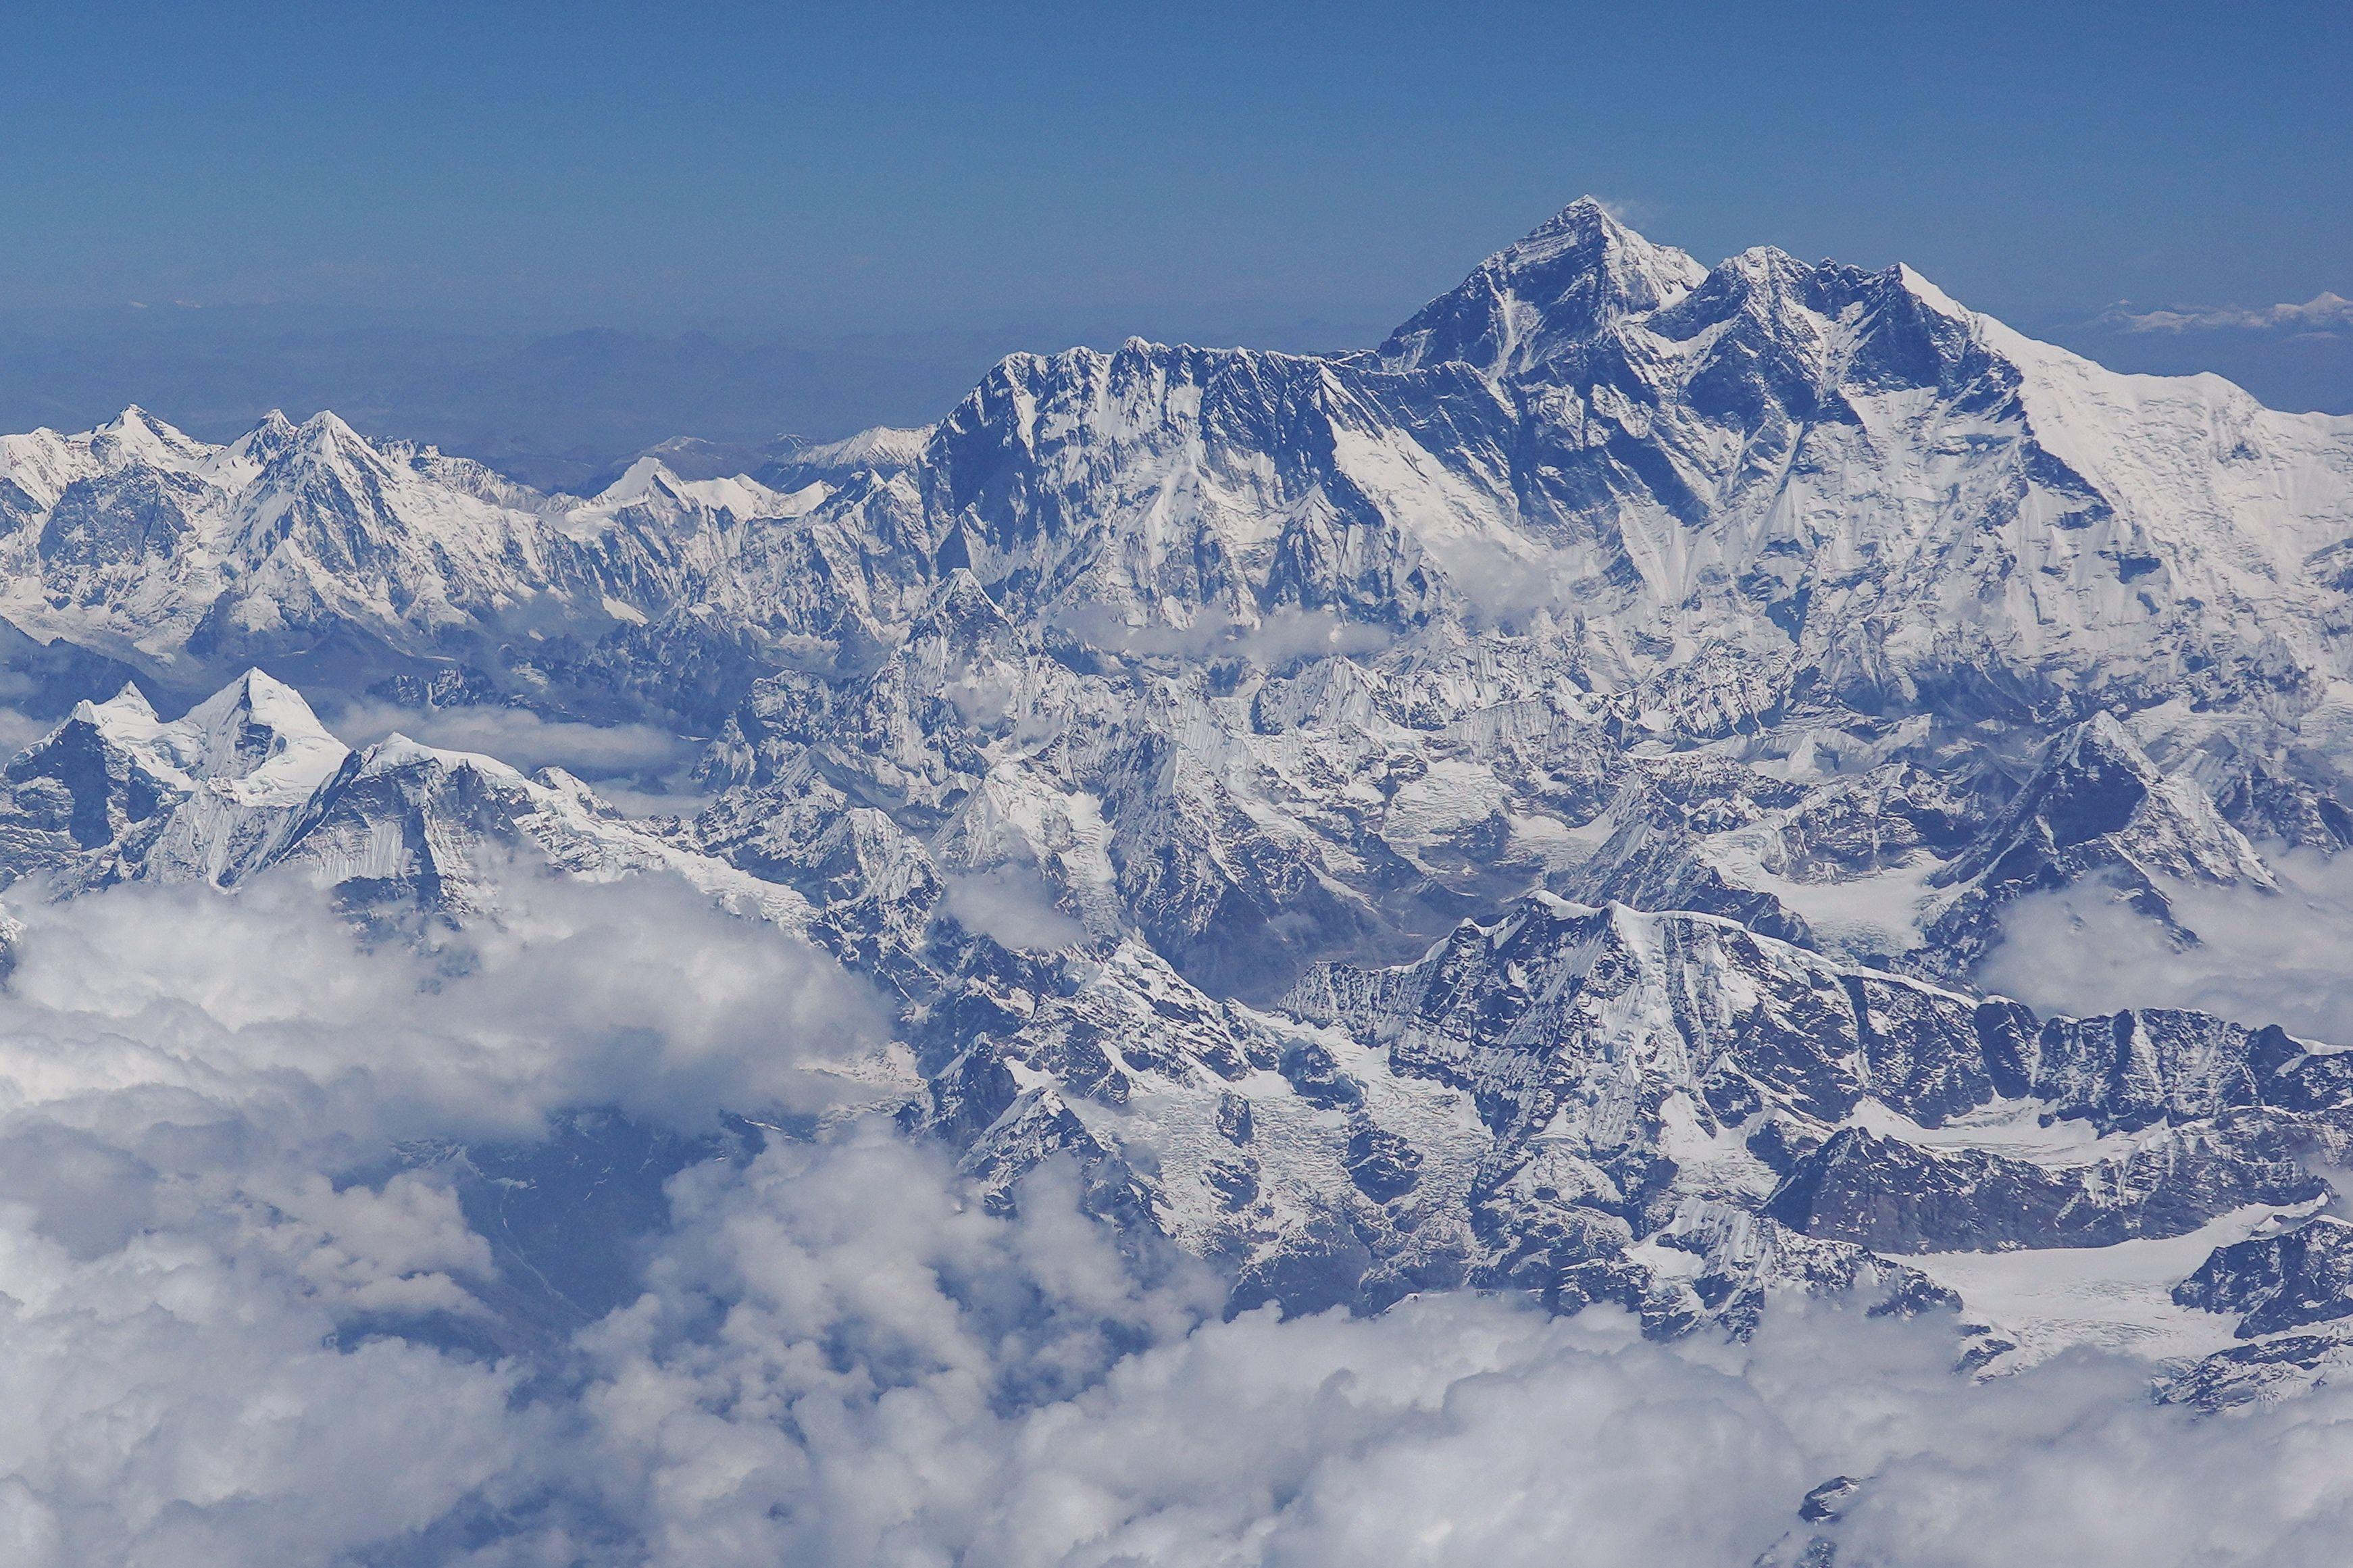 Vista aérea del Monte Everest, el lugar anhelado por los alpinistas. (Foto Prresa Libre: AFP)